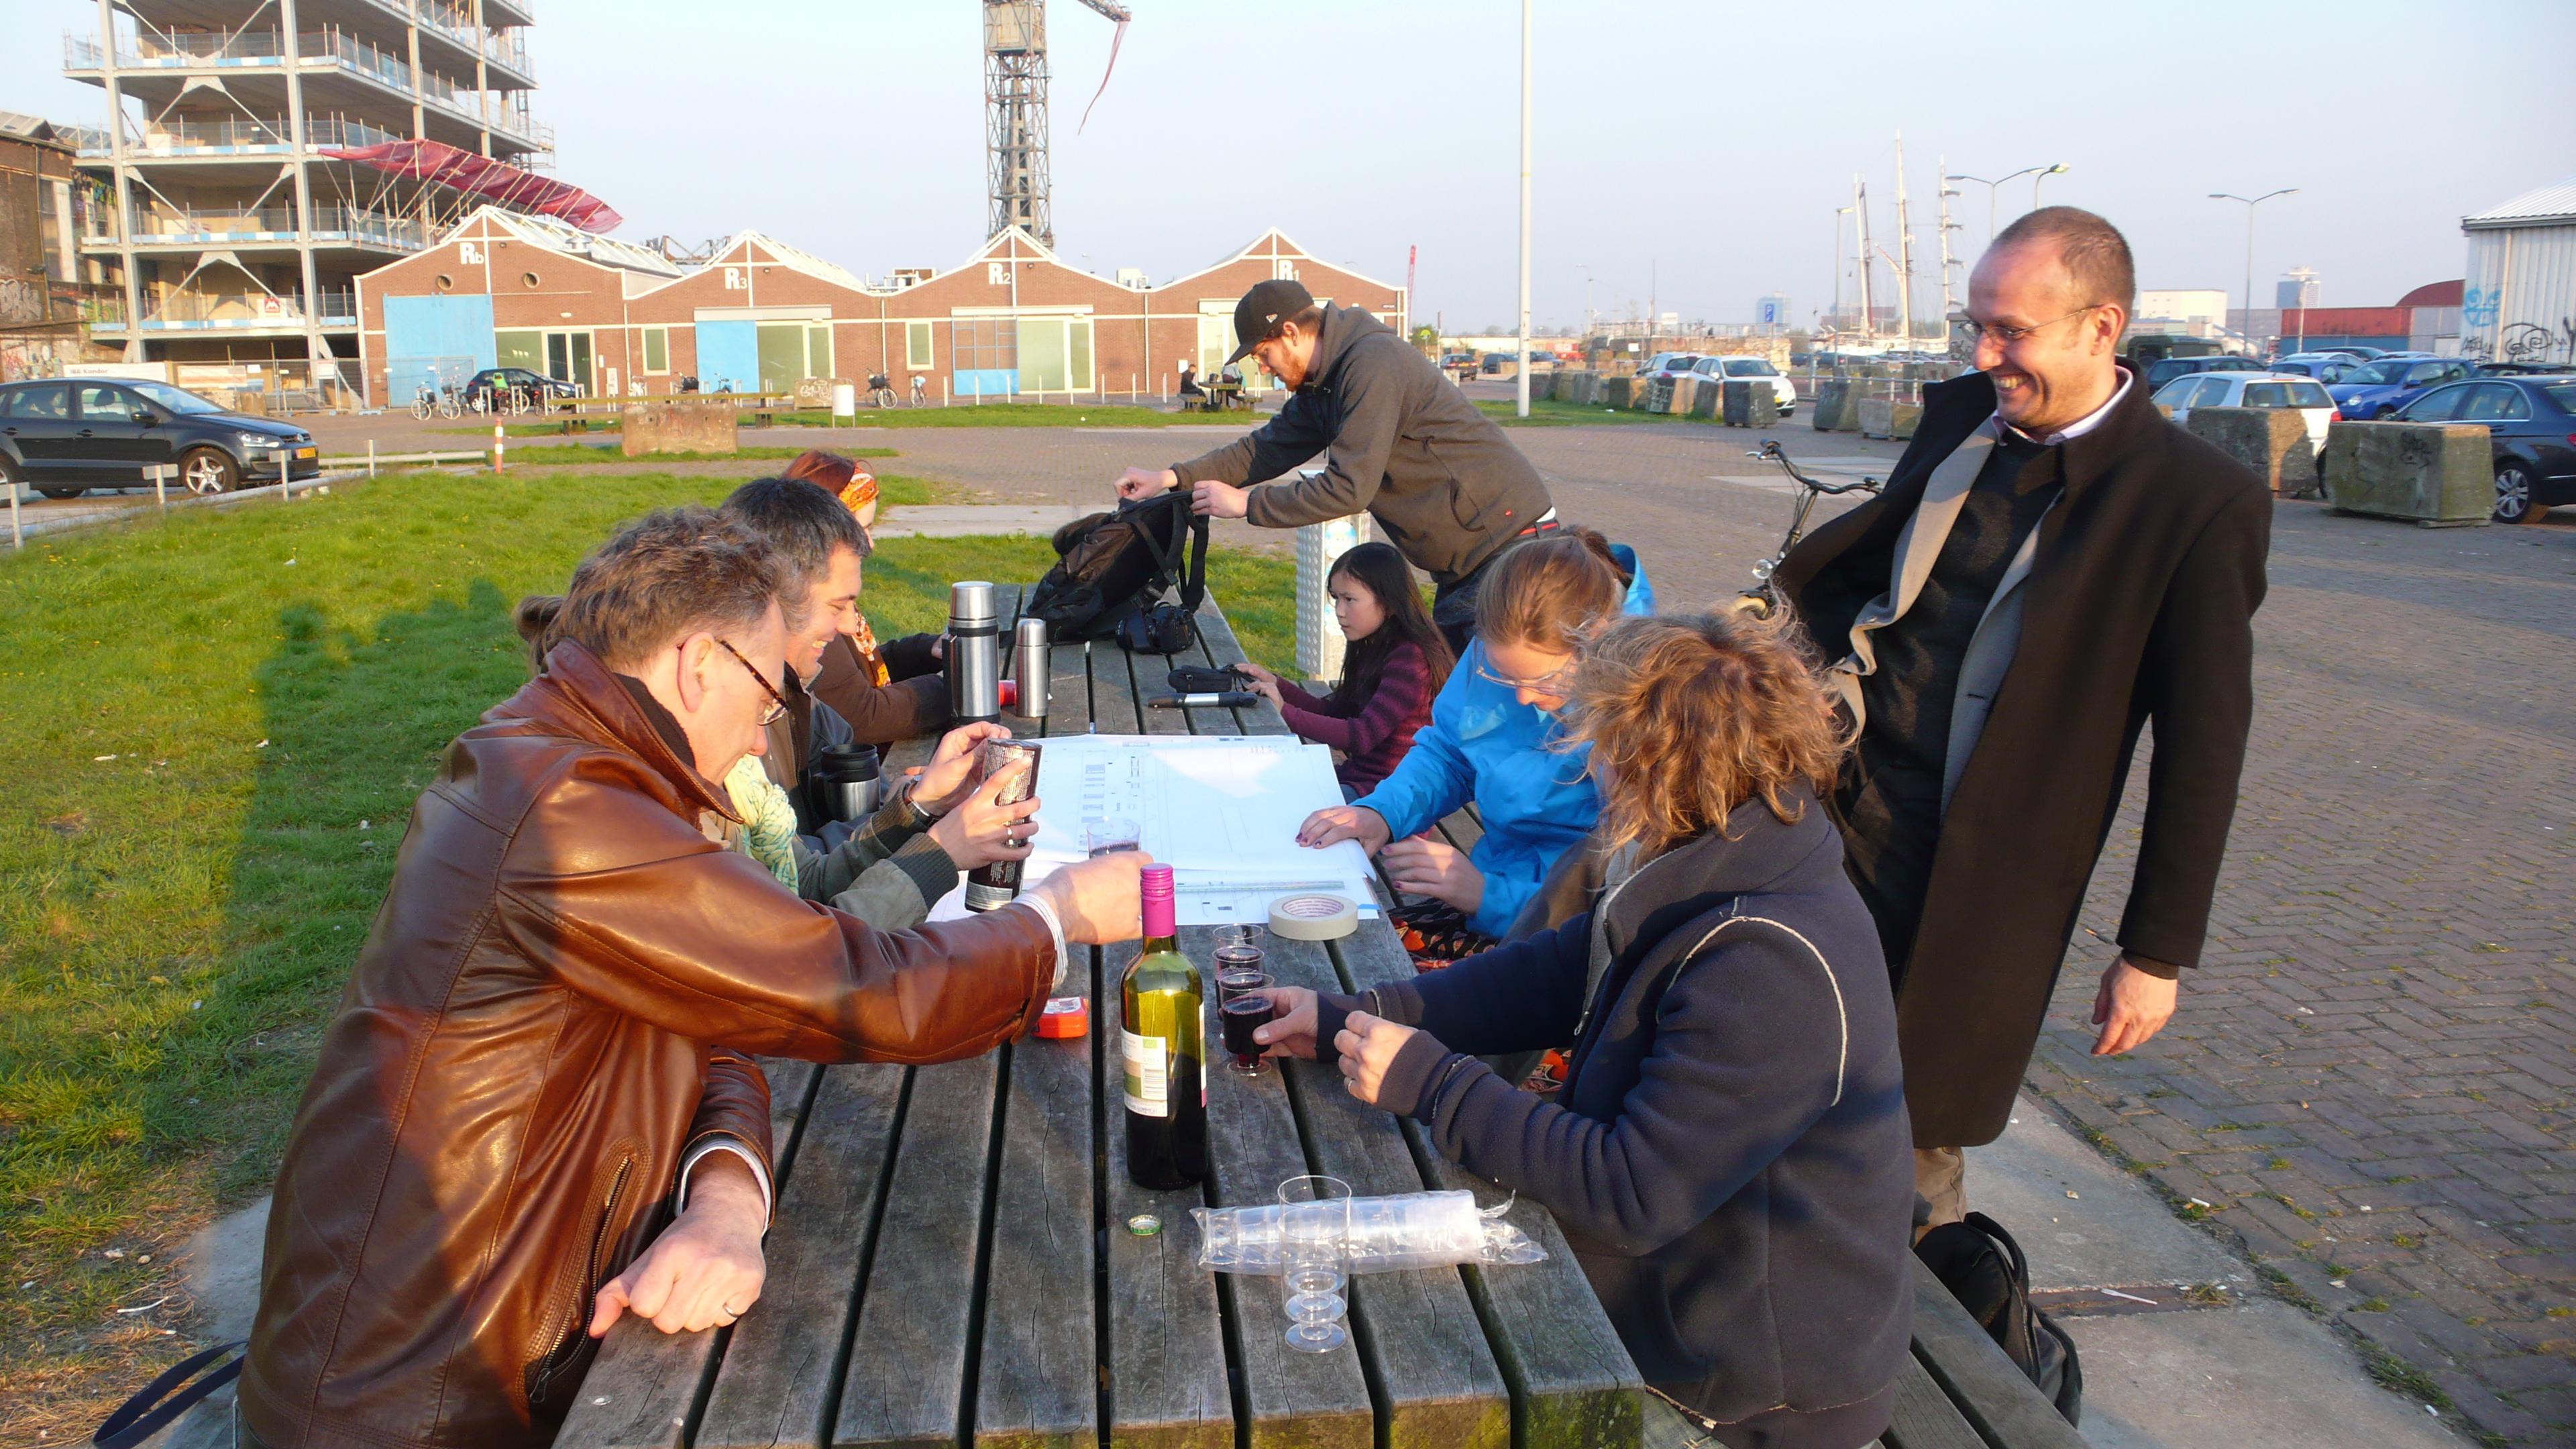 De Bosrankstraat, Amsterdam-Noord: Zelf bouwen, maar ook een ...